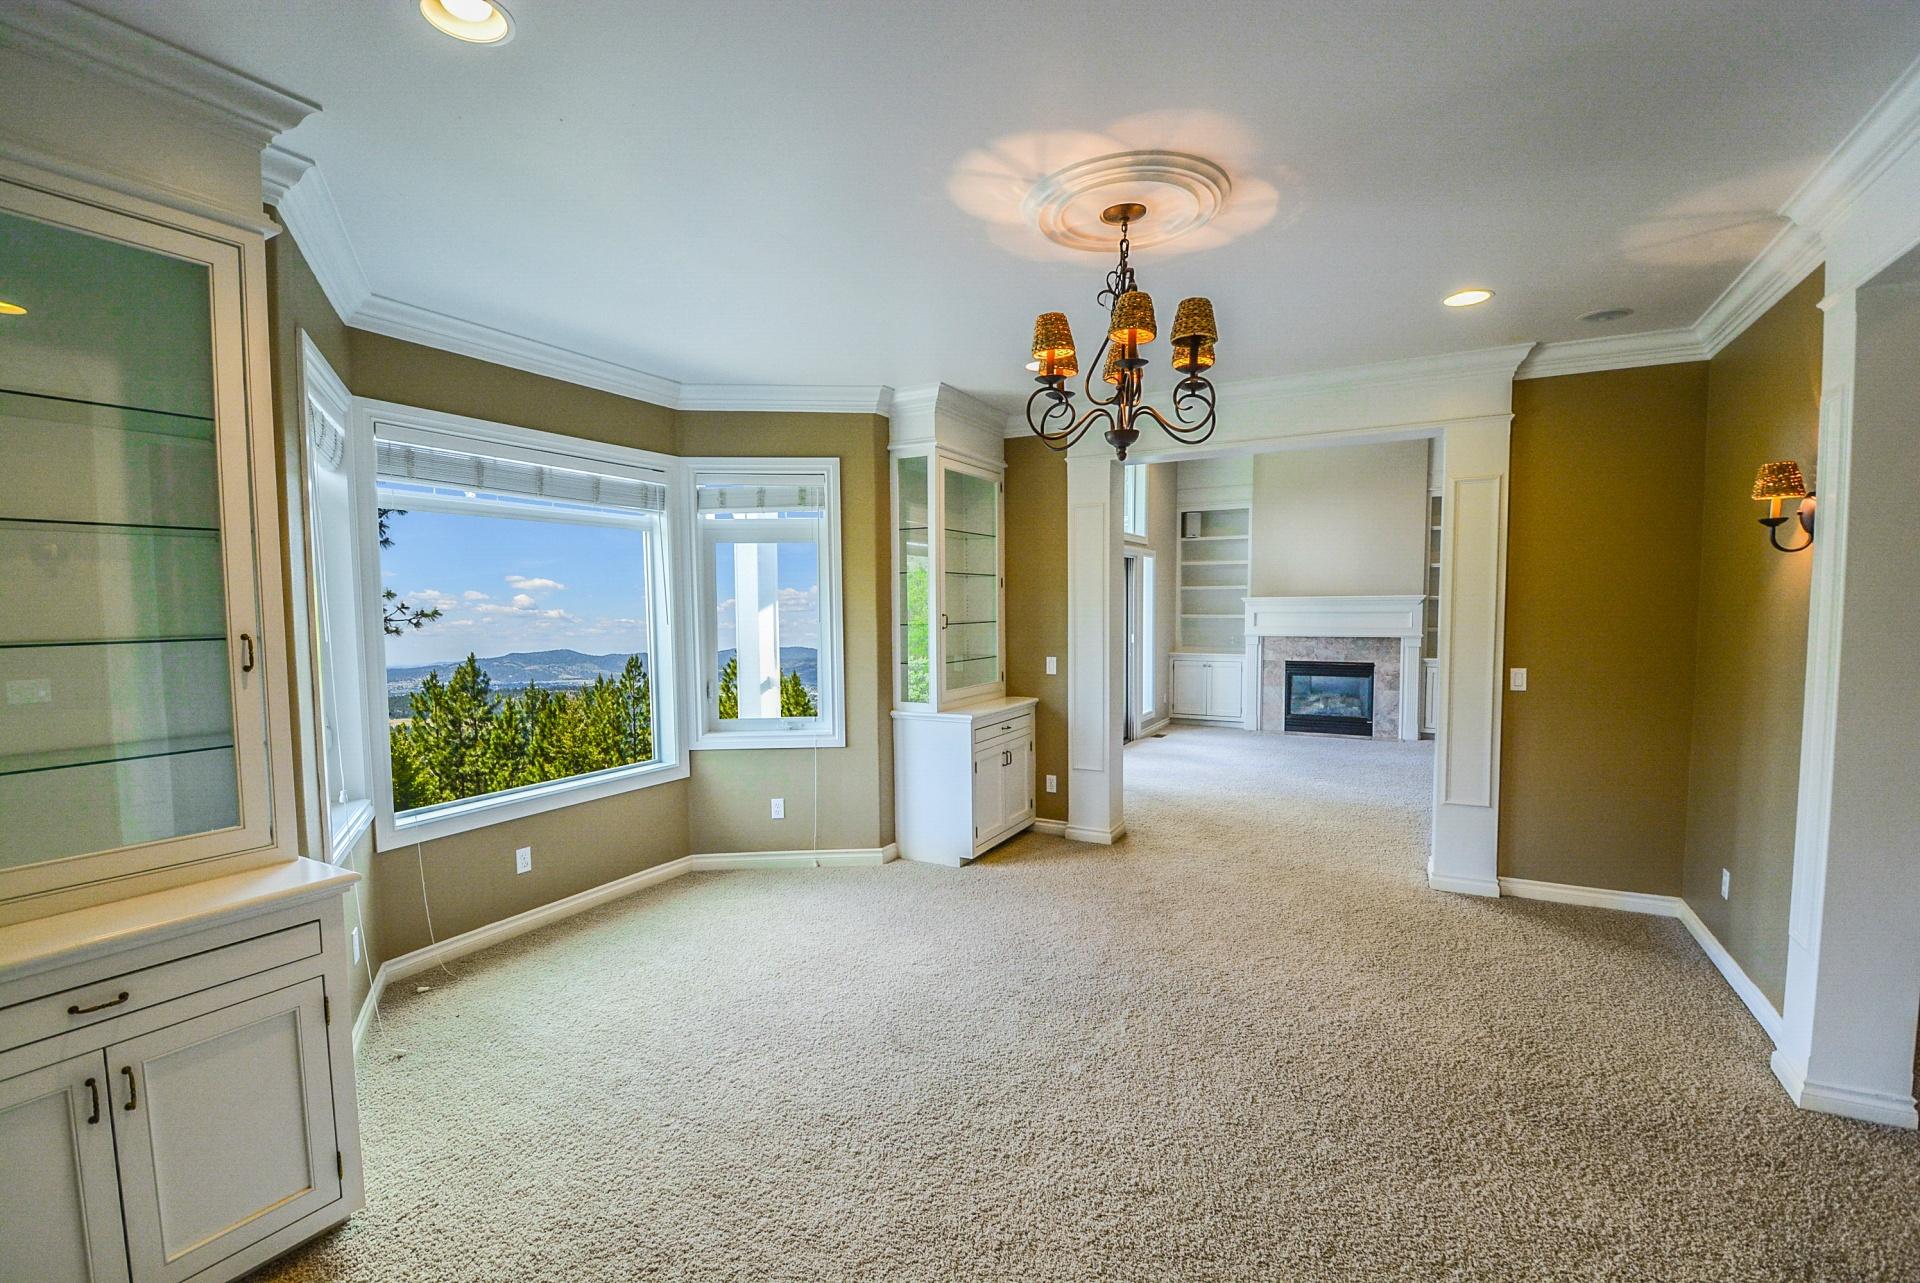 Arredare la casa nuova dopo il trasloco fai da te creativo - Arredare casa nuova ...